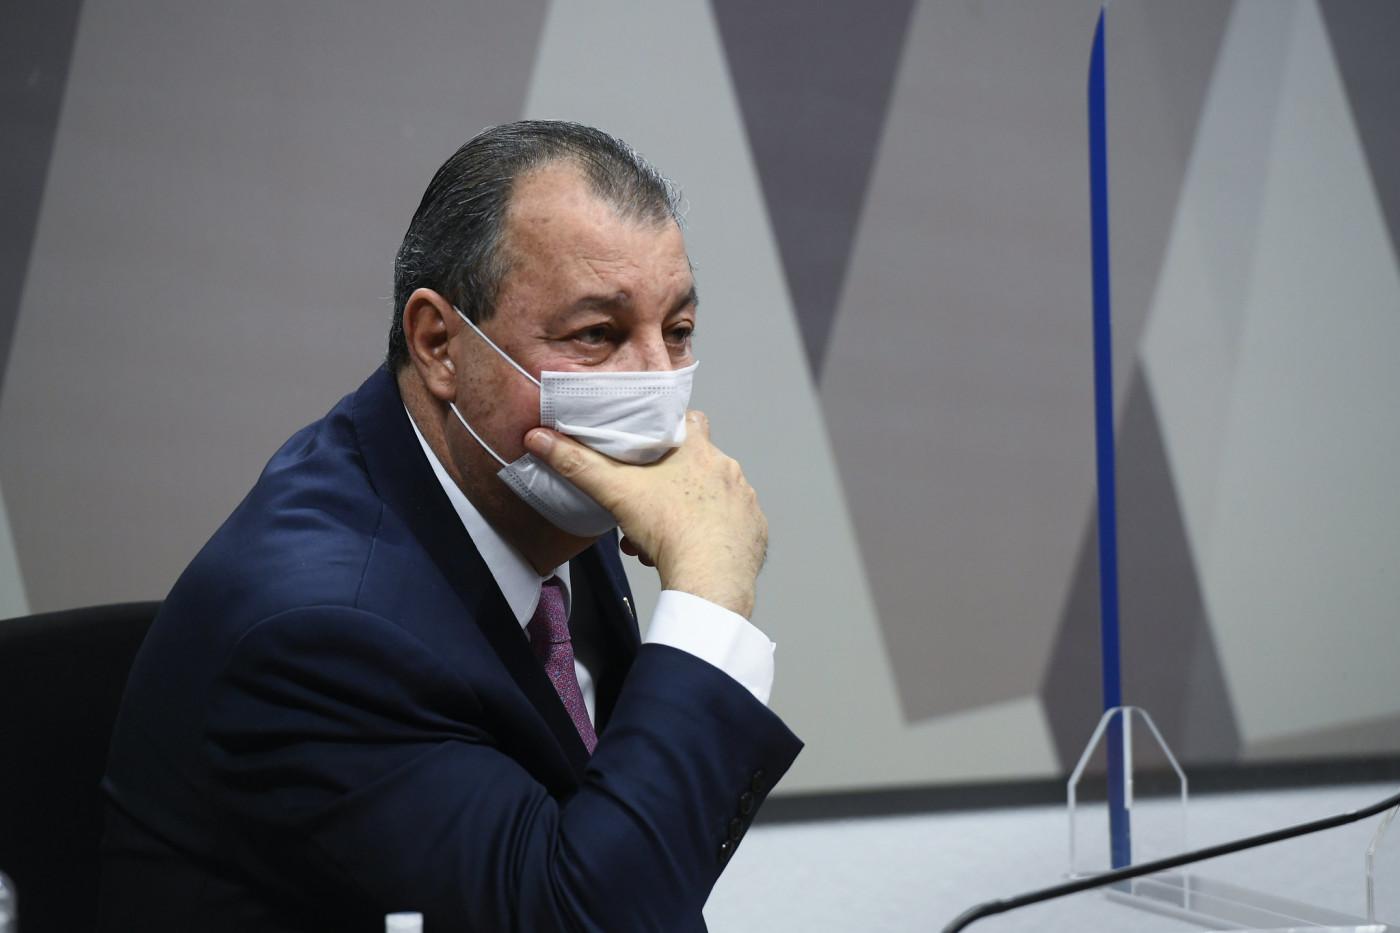 Omar Aziz apoia a mão no rosto, usando máscara de proteção branca